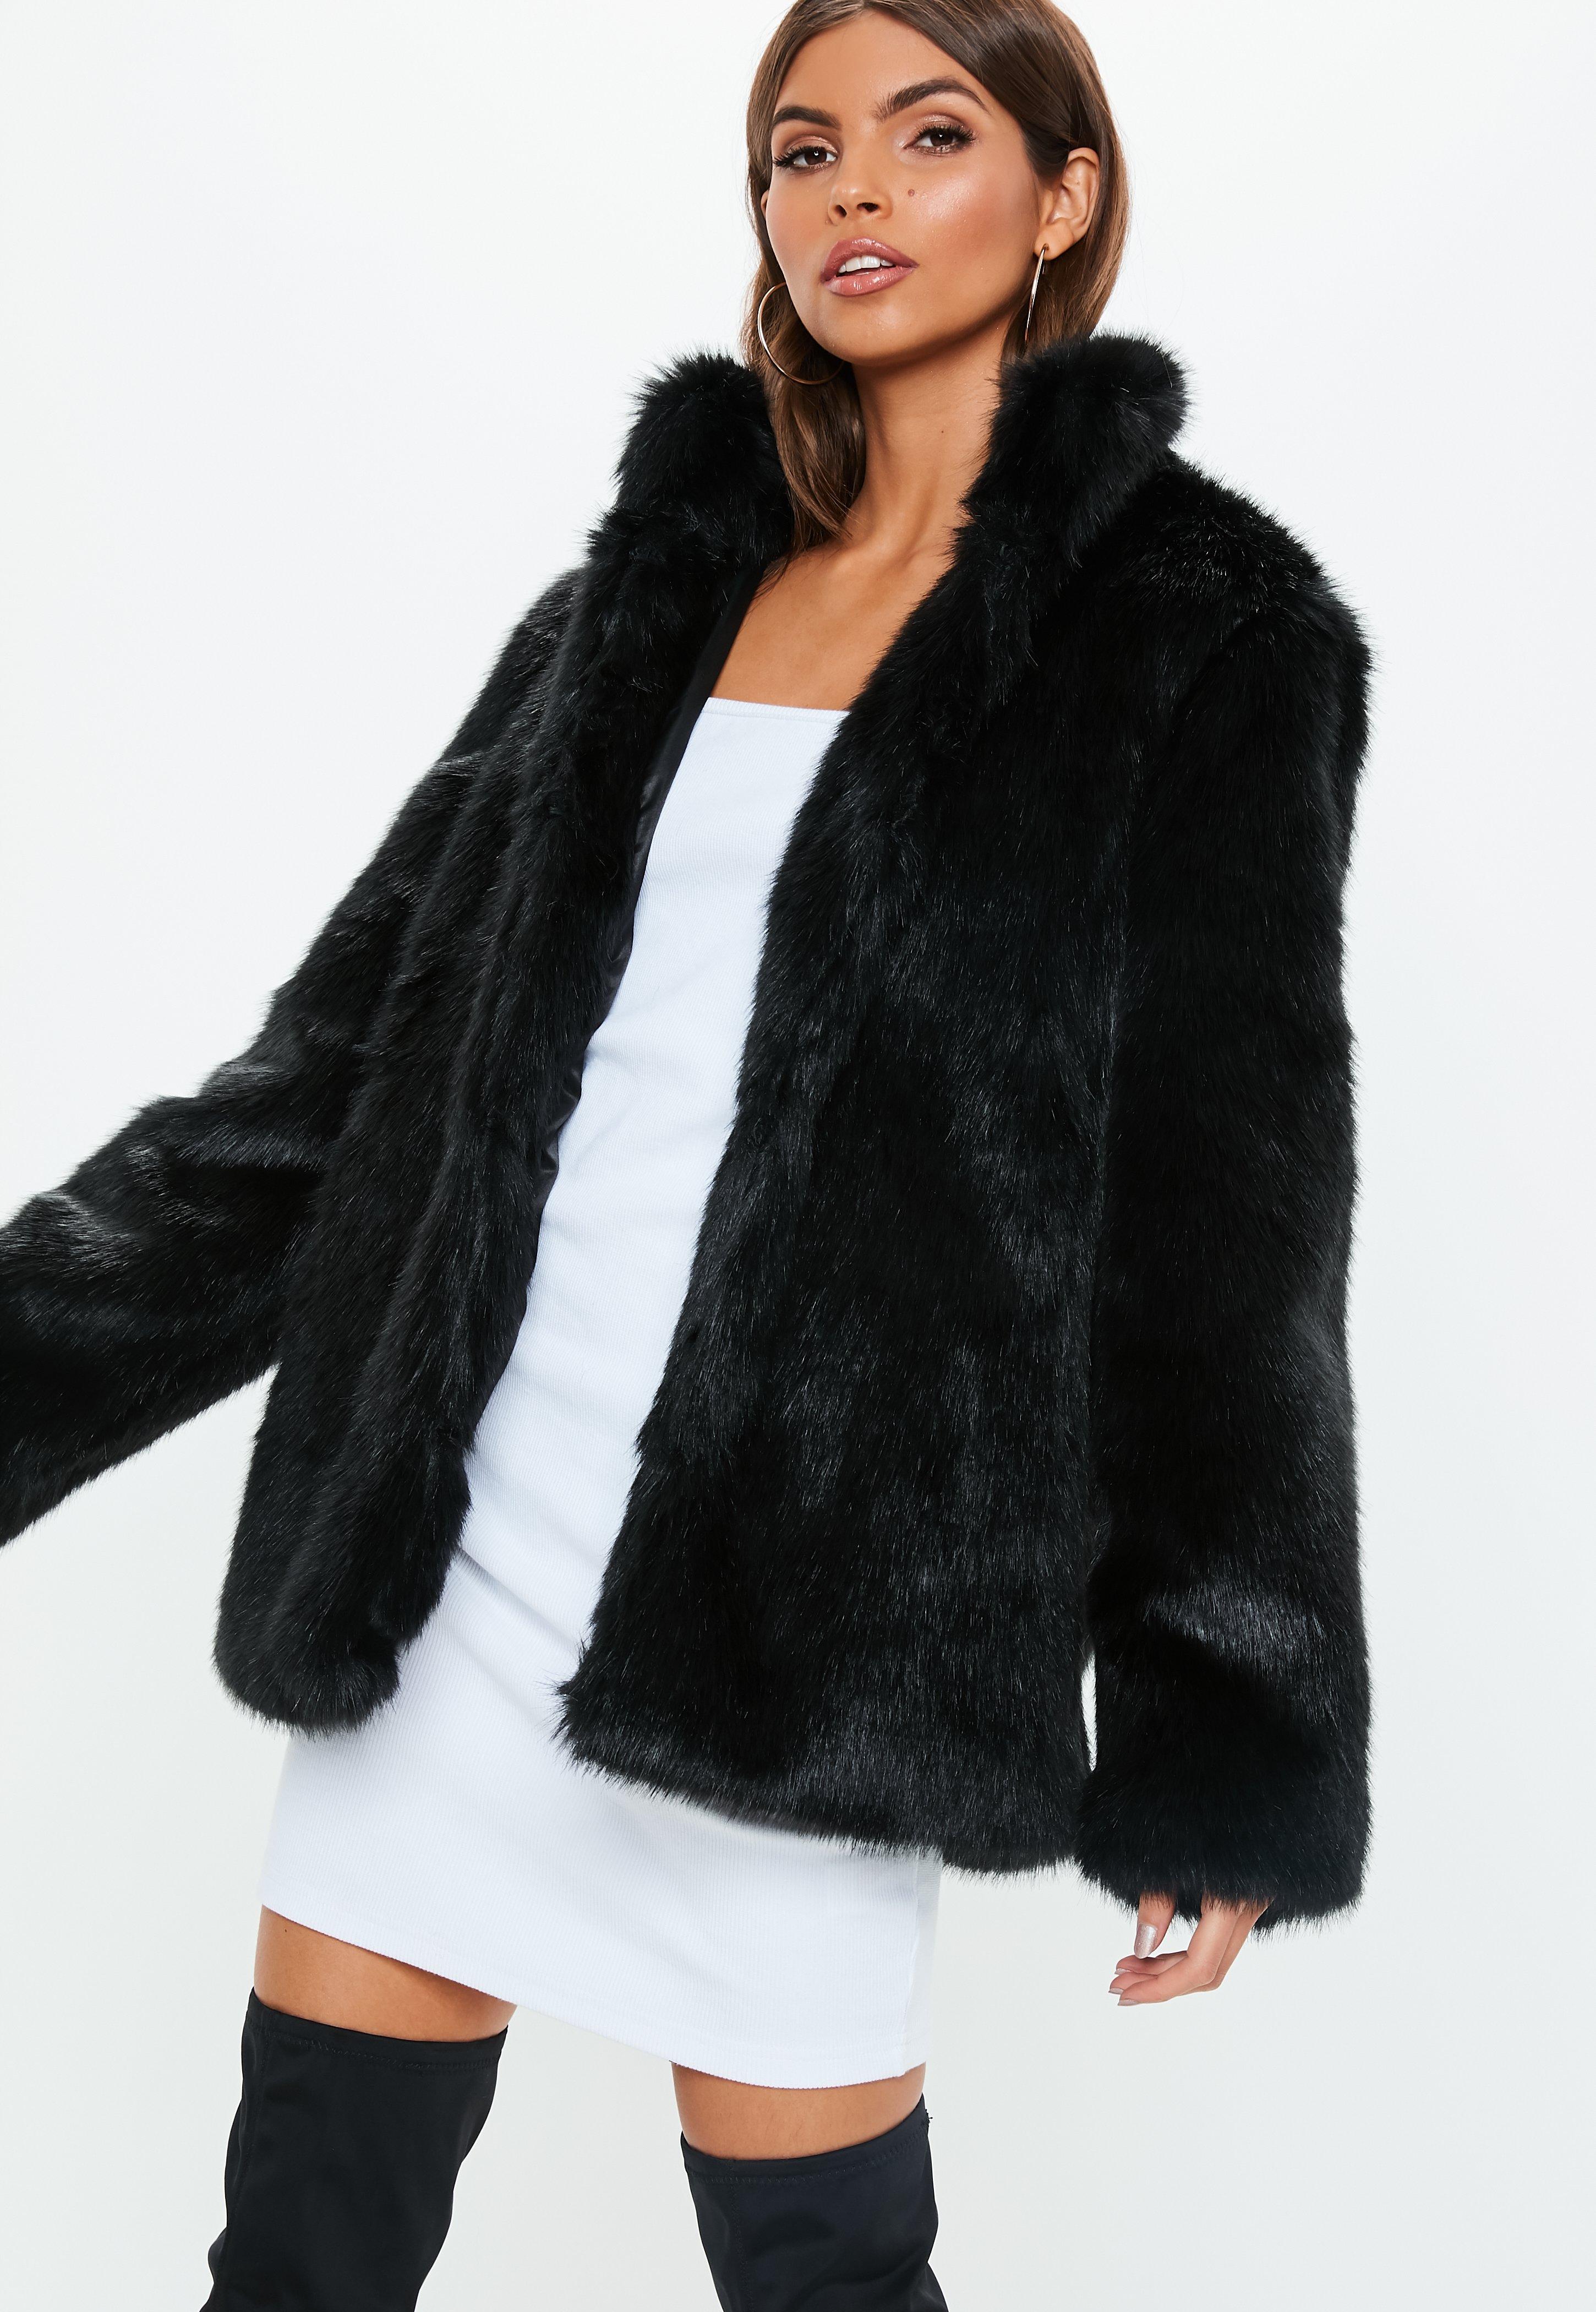 5e45e6c4e4a28 Faux Fur Coats